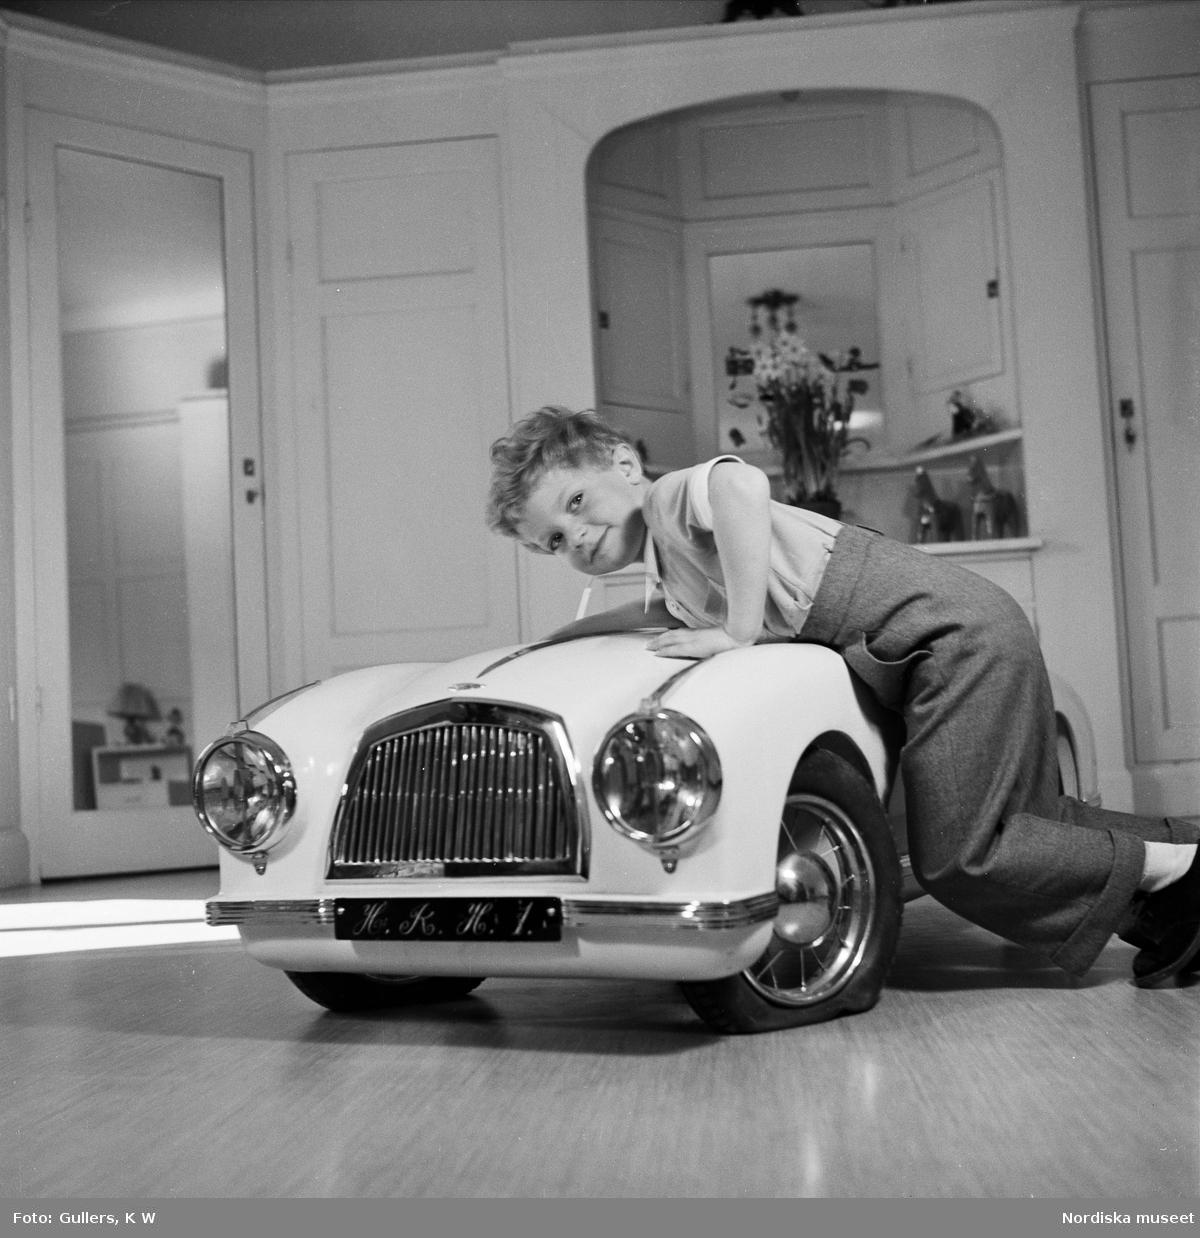 Kronprins Carl Gustaf leker med en trampbil. På nummerplåten